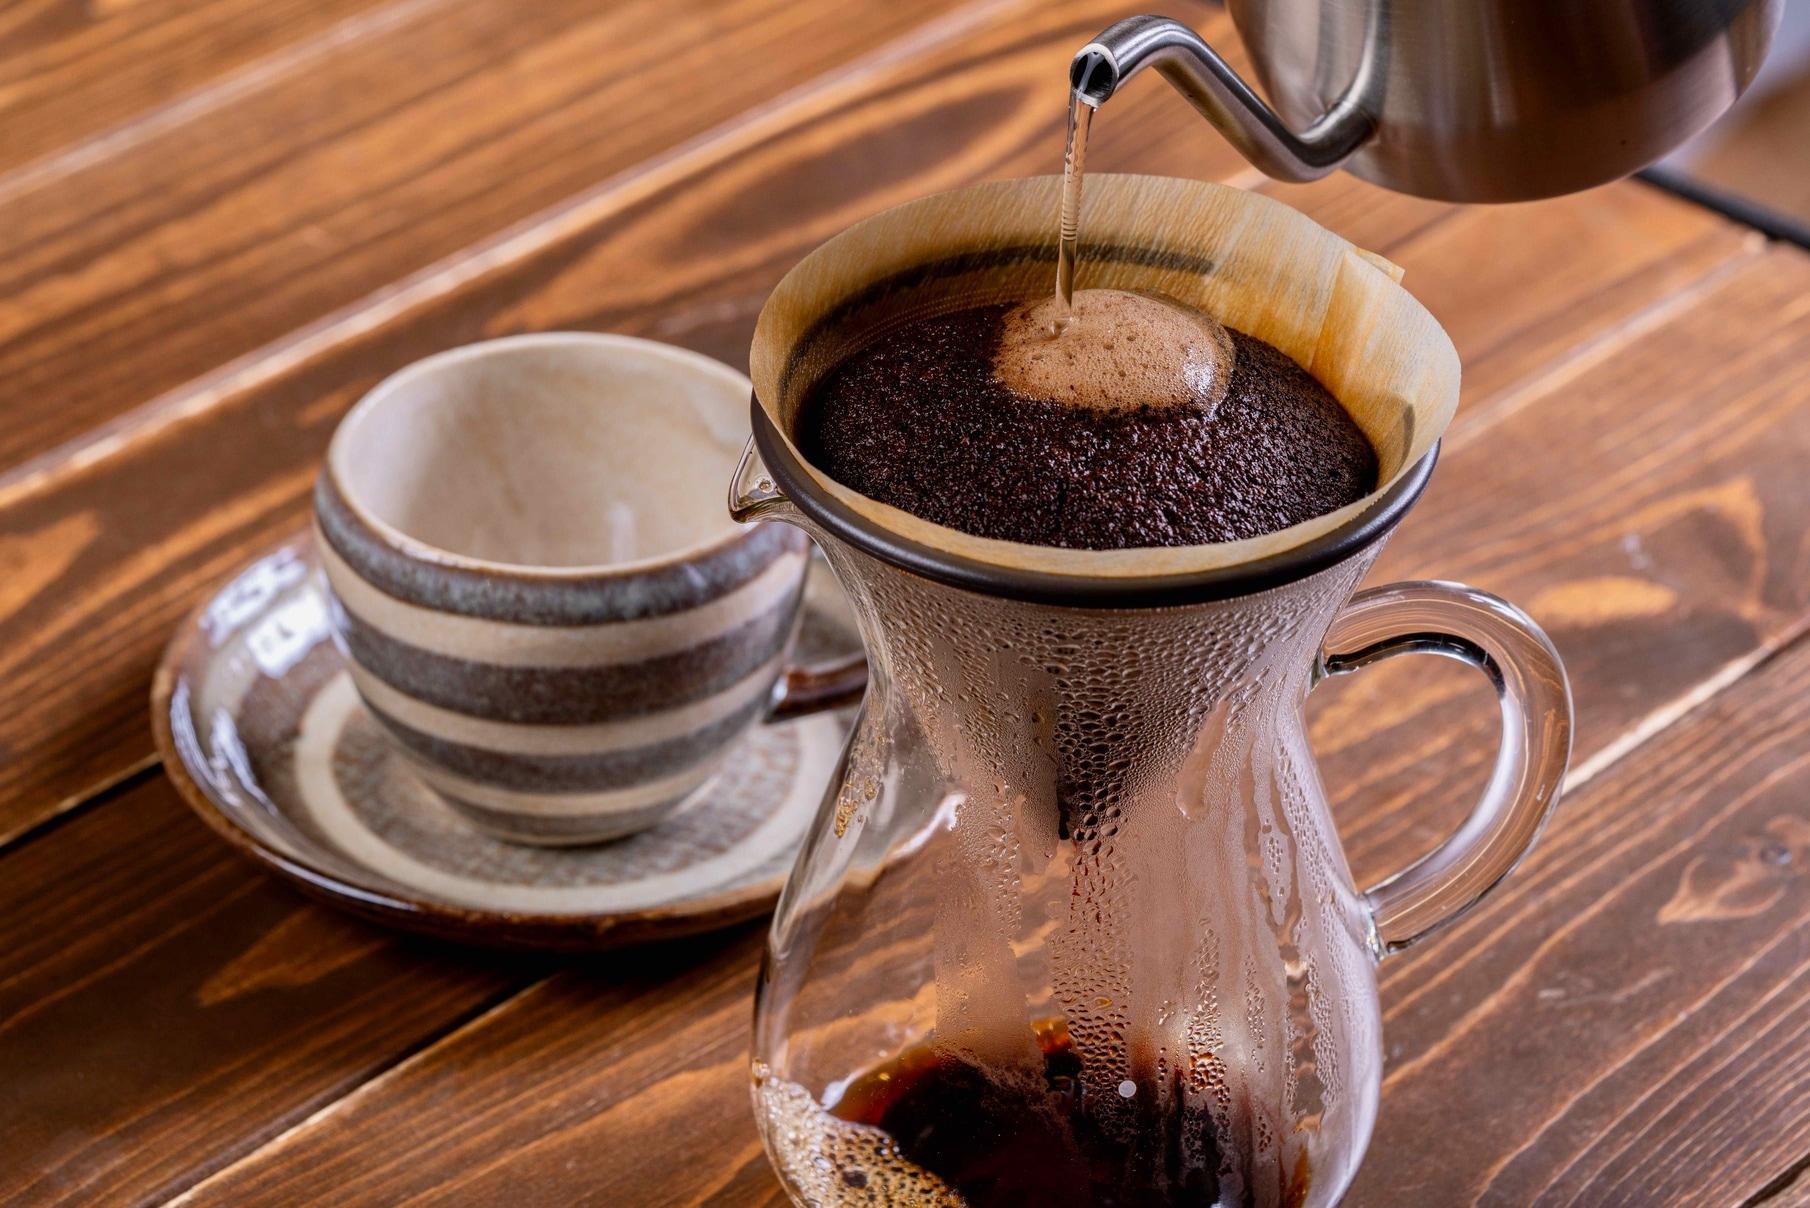 ハンドドリップコーヒーを淹れる、徳光珈琲のスペシャルティコーヒー